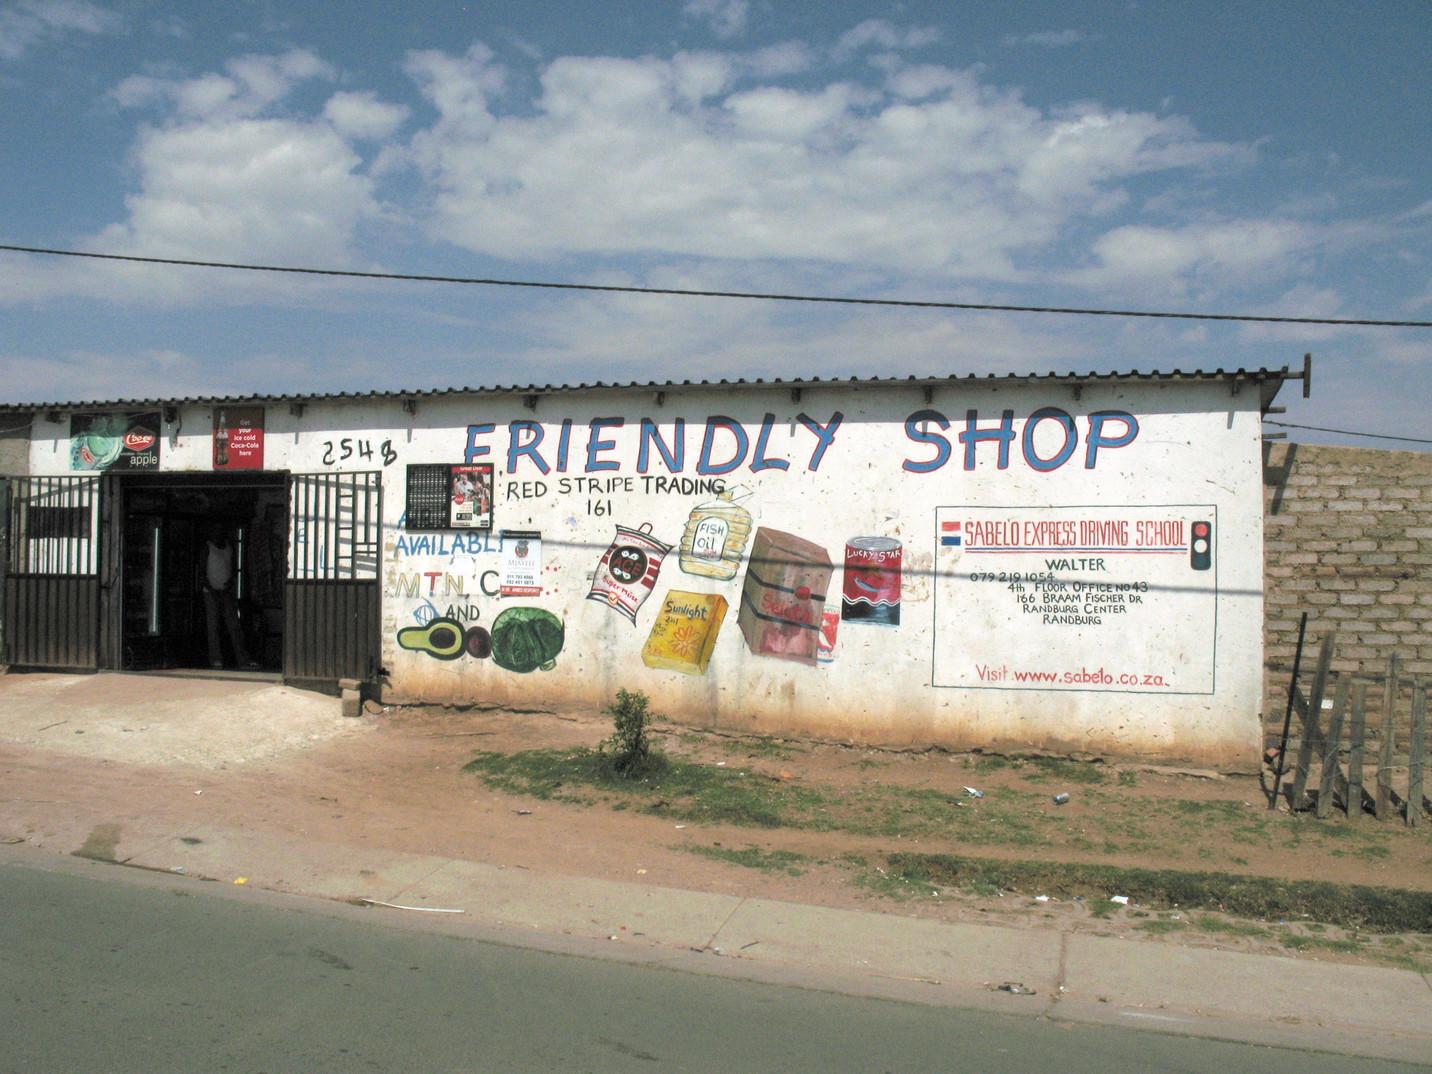 Friendly Shop, Cosmo City